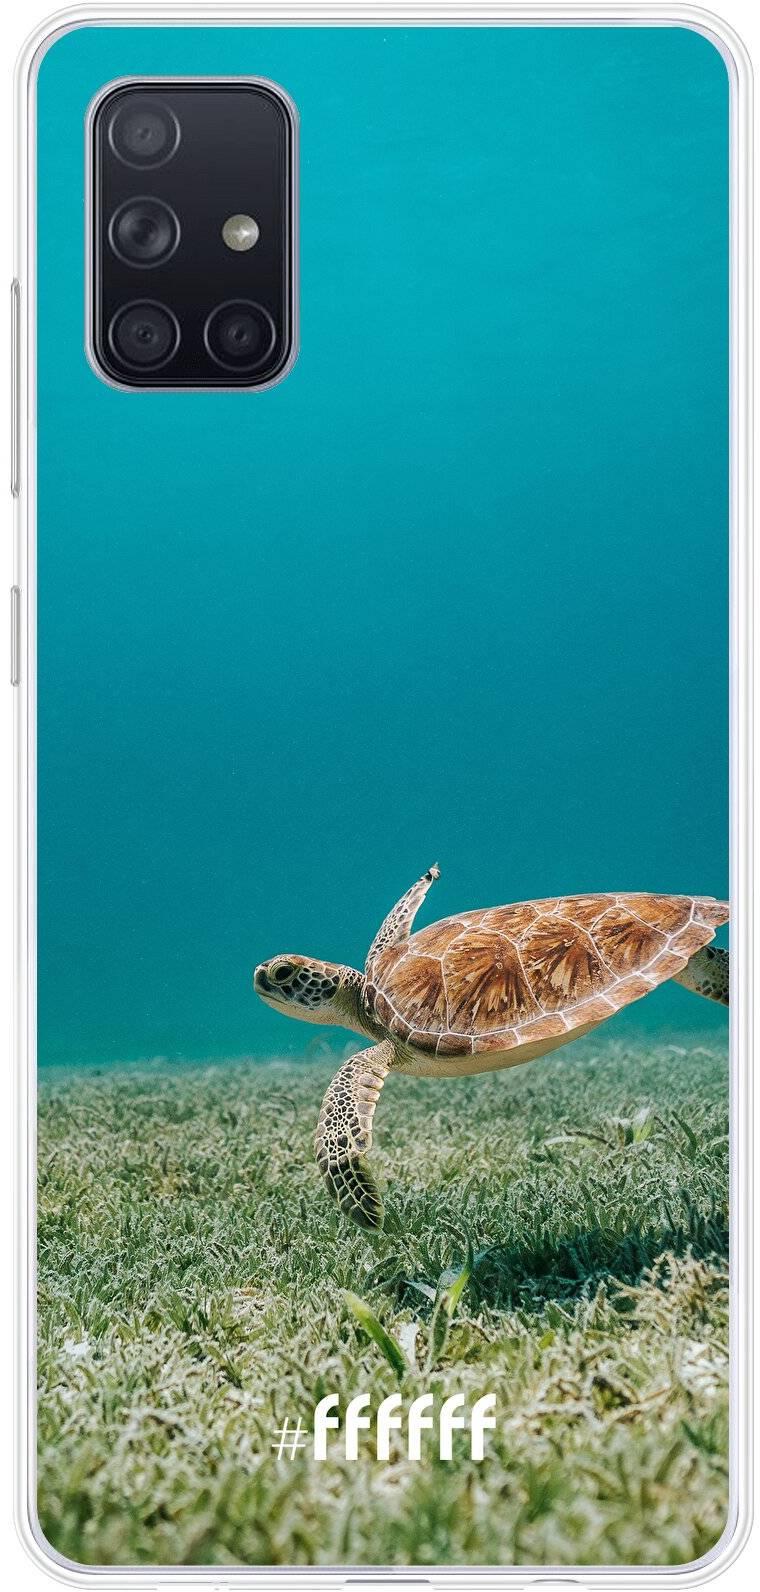 Turtle Galaxy A71